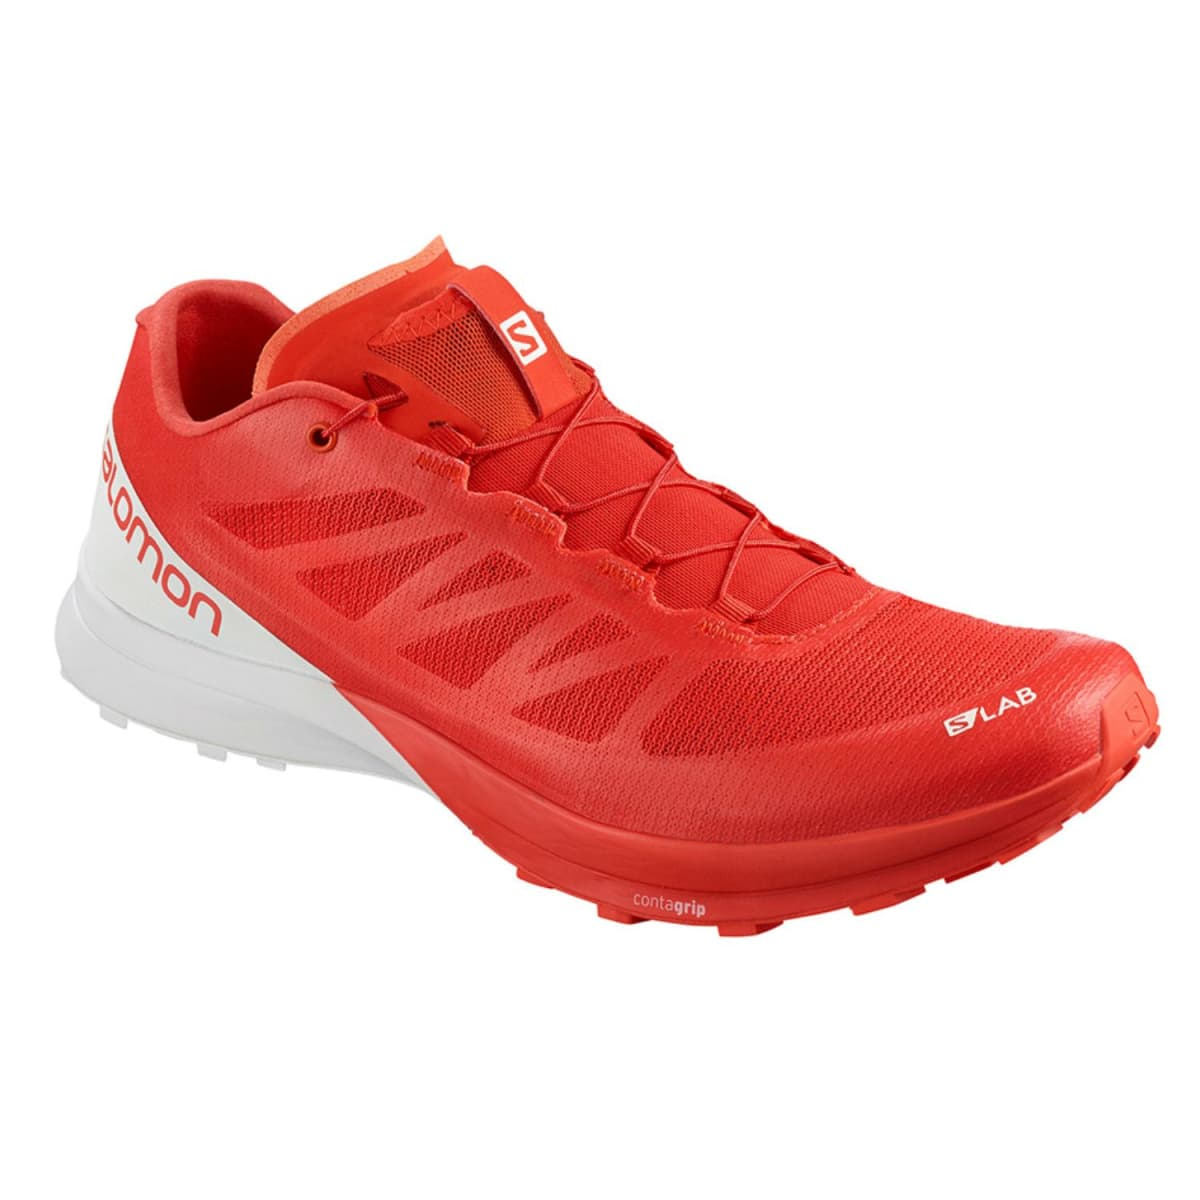 nouveaux styles c0b4d 3dc37 Salomon Trail Running Shoes - Sportsmans Warehouse - South ...